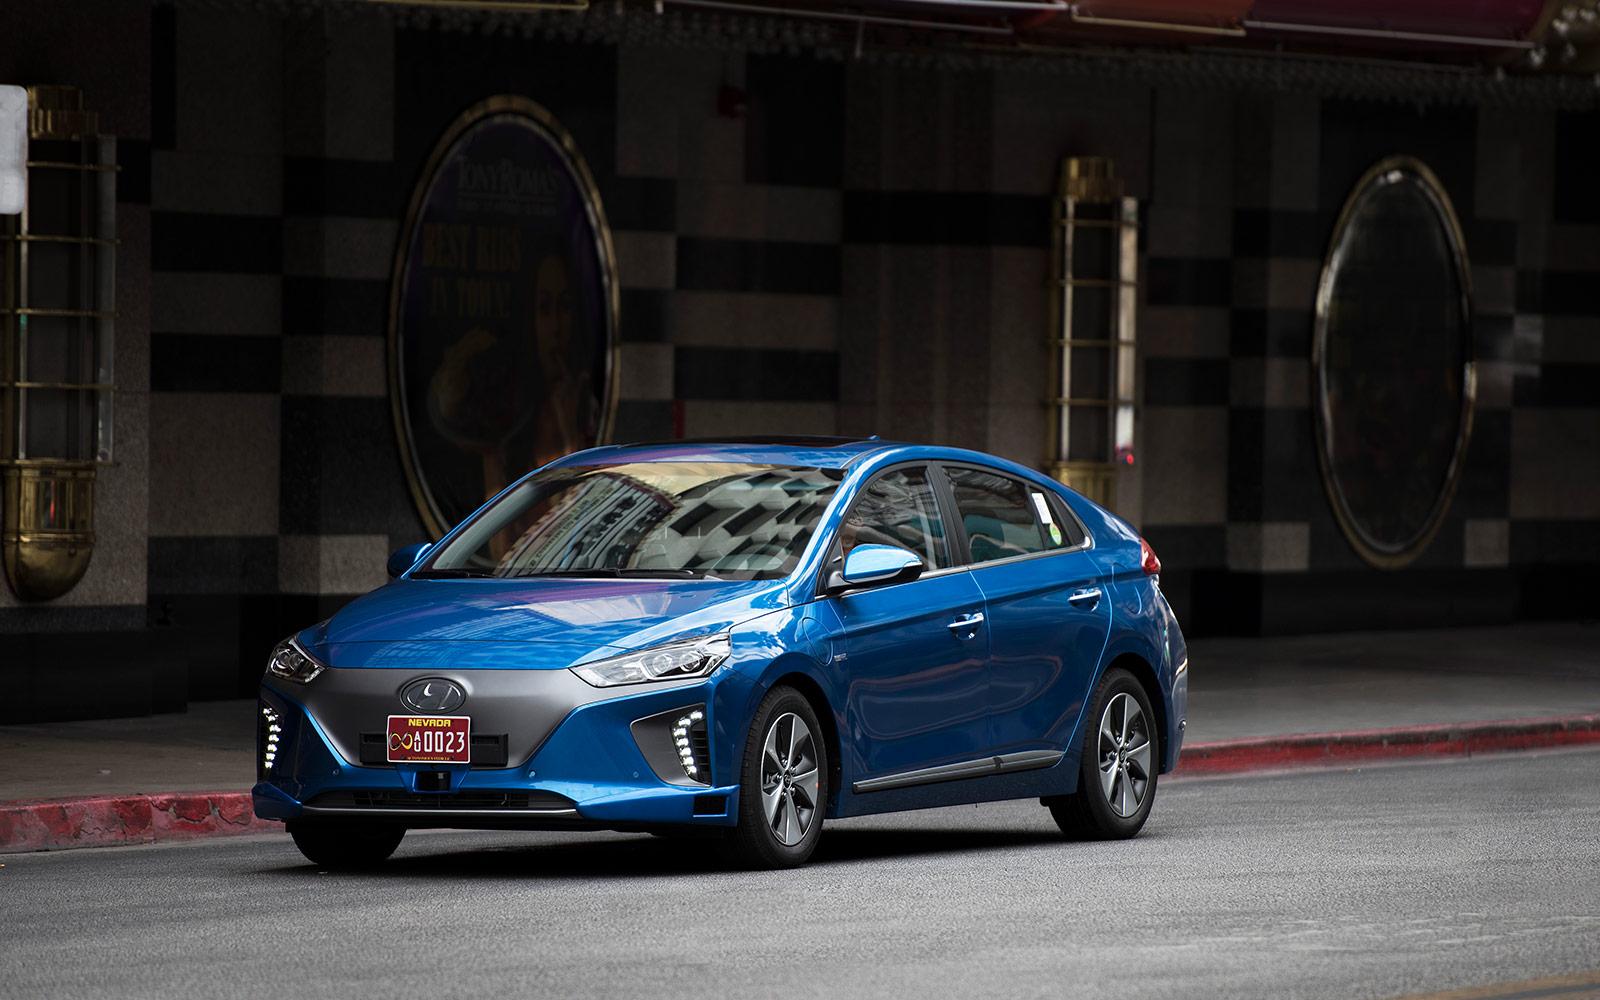 Samochody autonomiczne Hyundai już w 2022 roku?